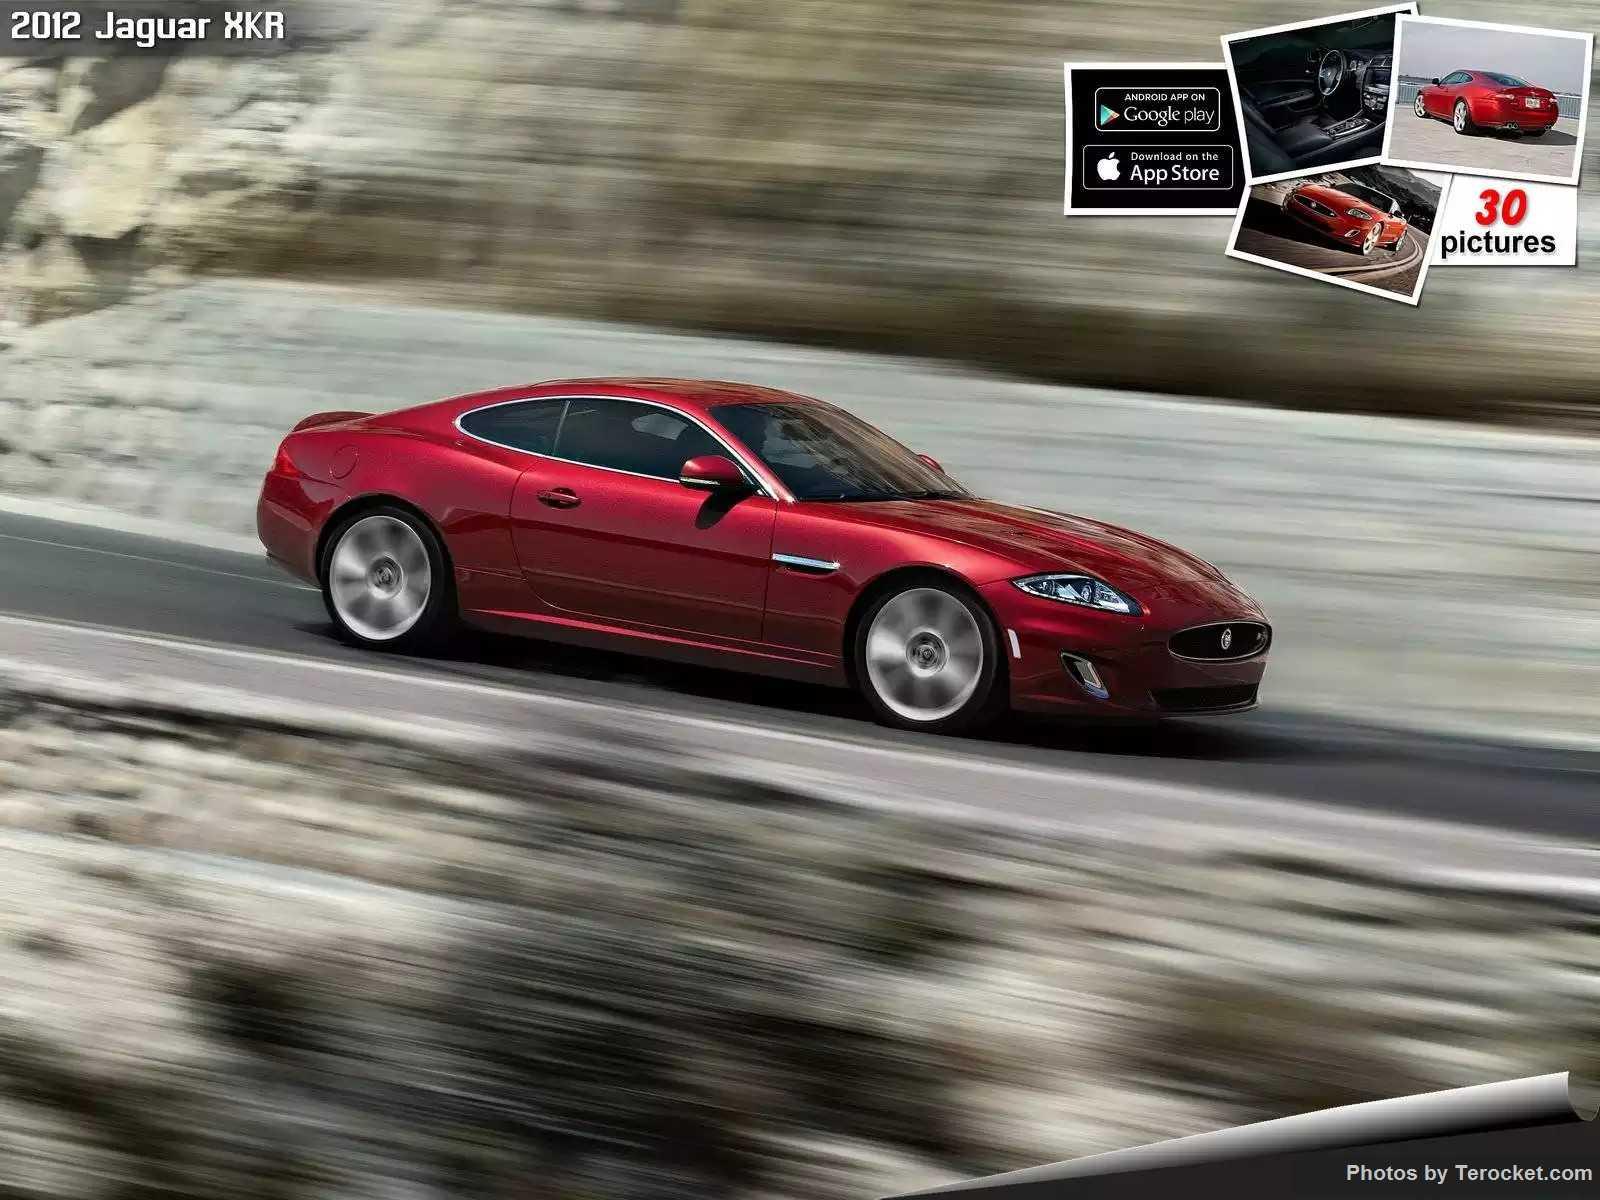 Hình ảnh xe ô tô Jaguar XKR 2012 & nội ngoại thất